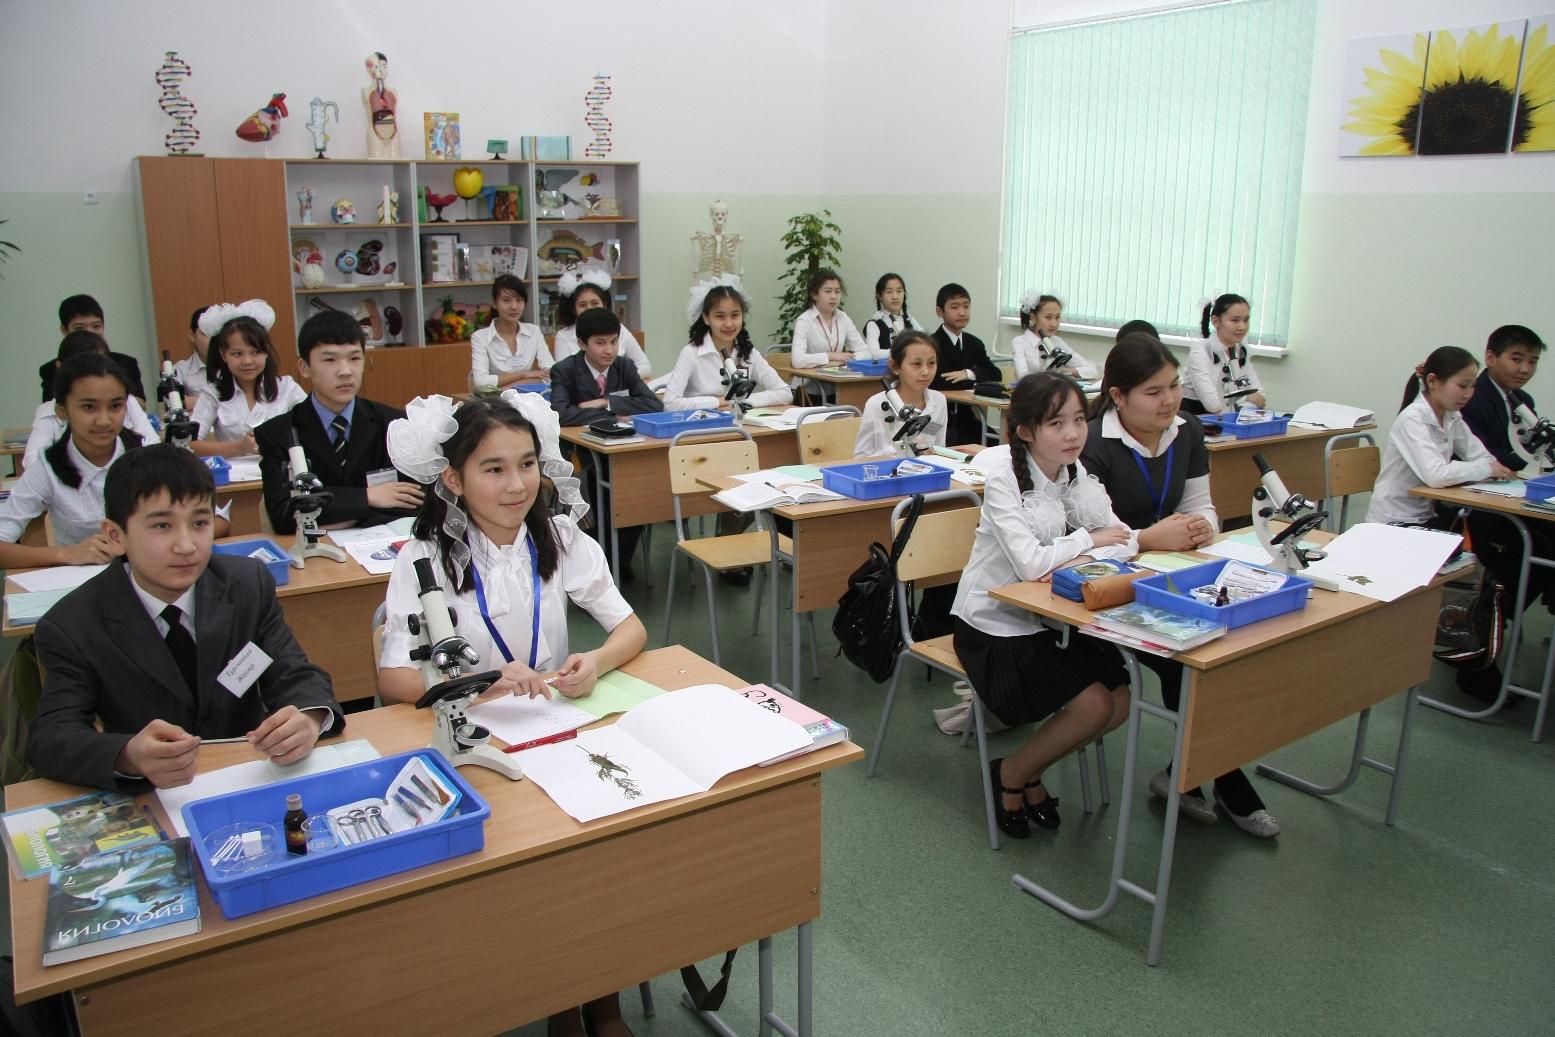 Алматыда қазақ тілінде білім алатын оқушылардың саны 12 есеге артқан.